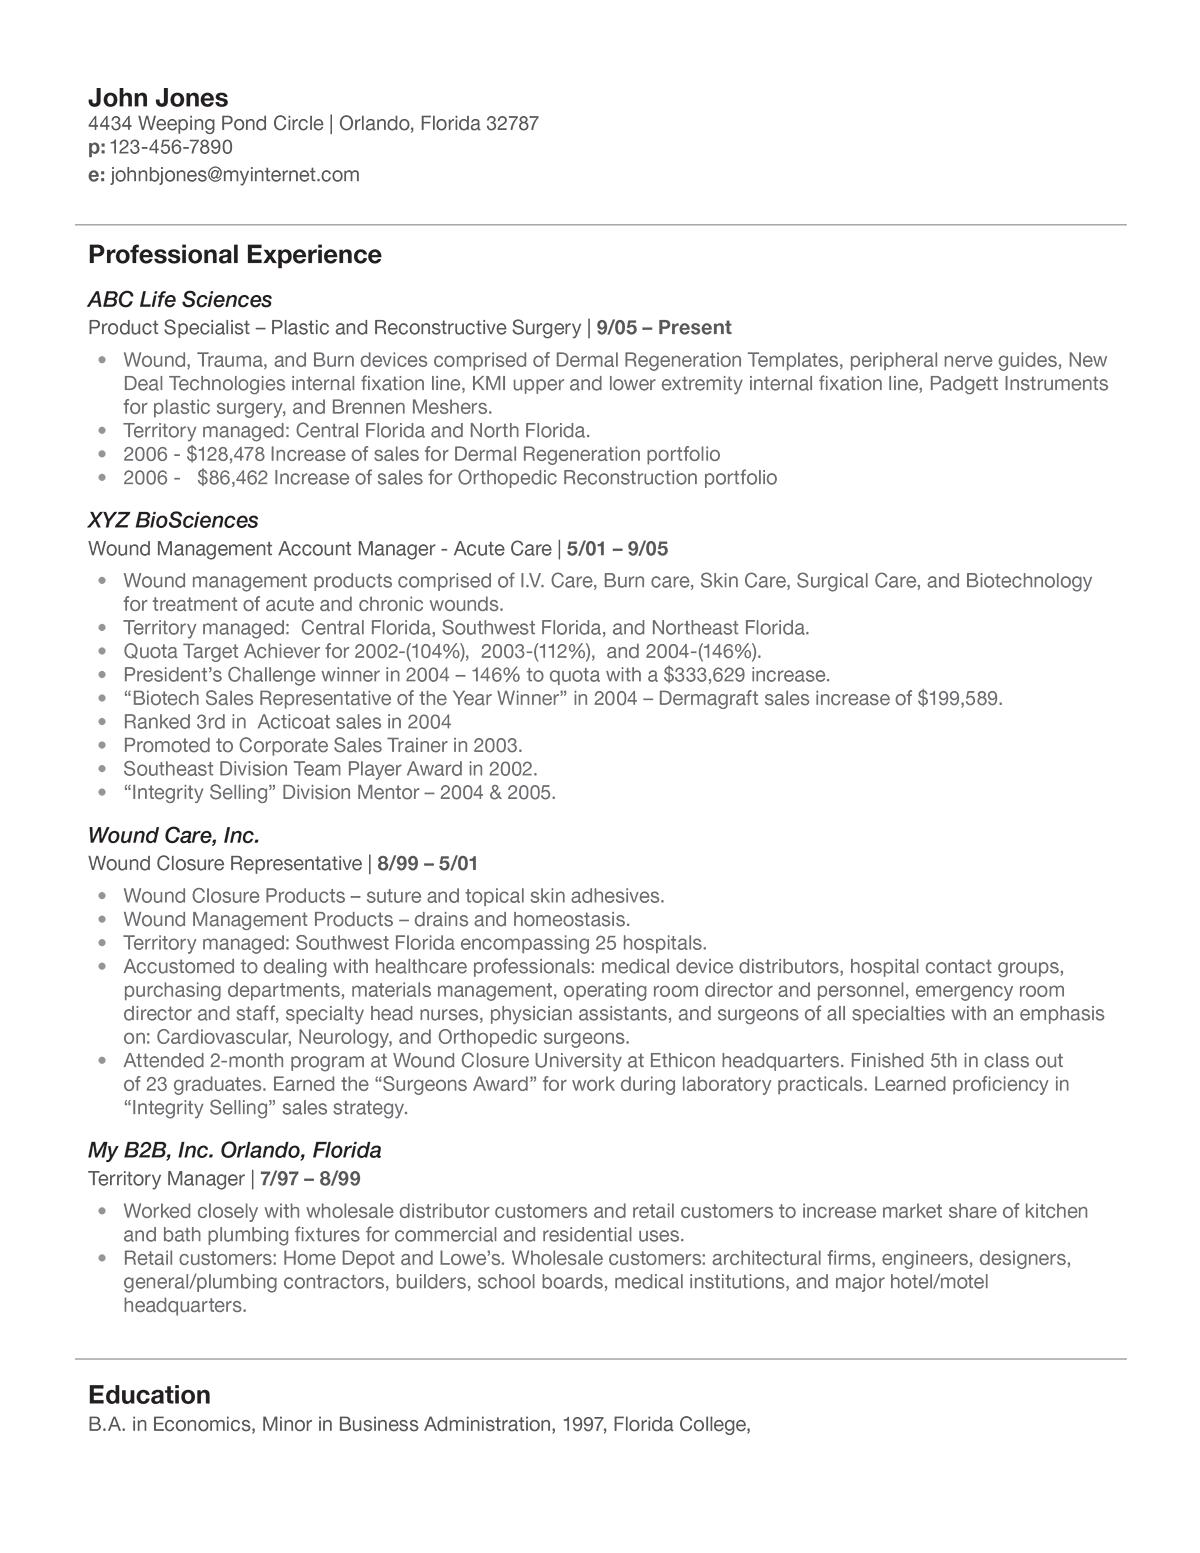 resume summary for freshers